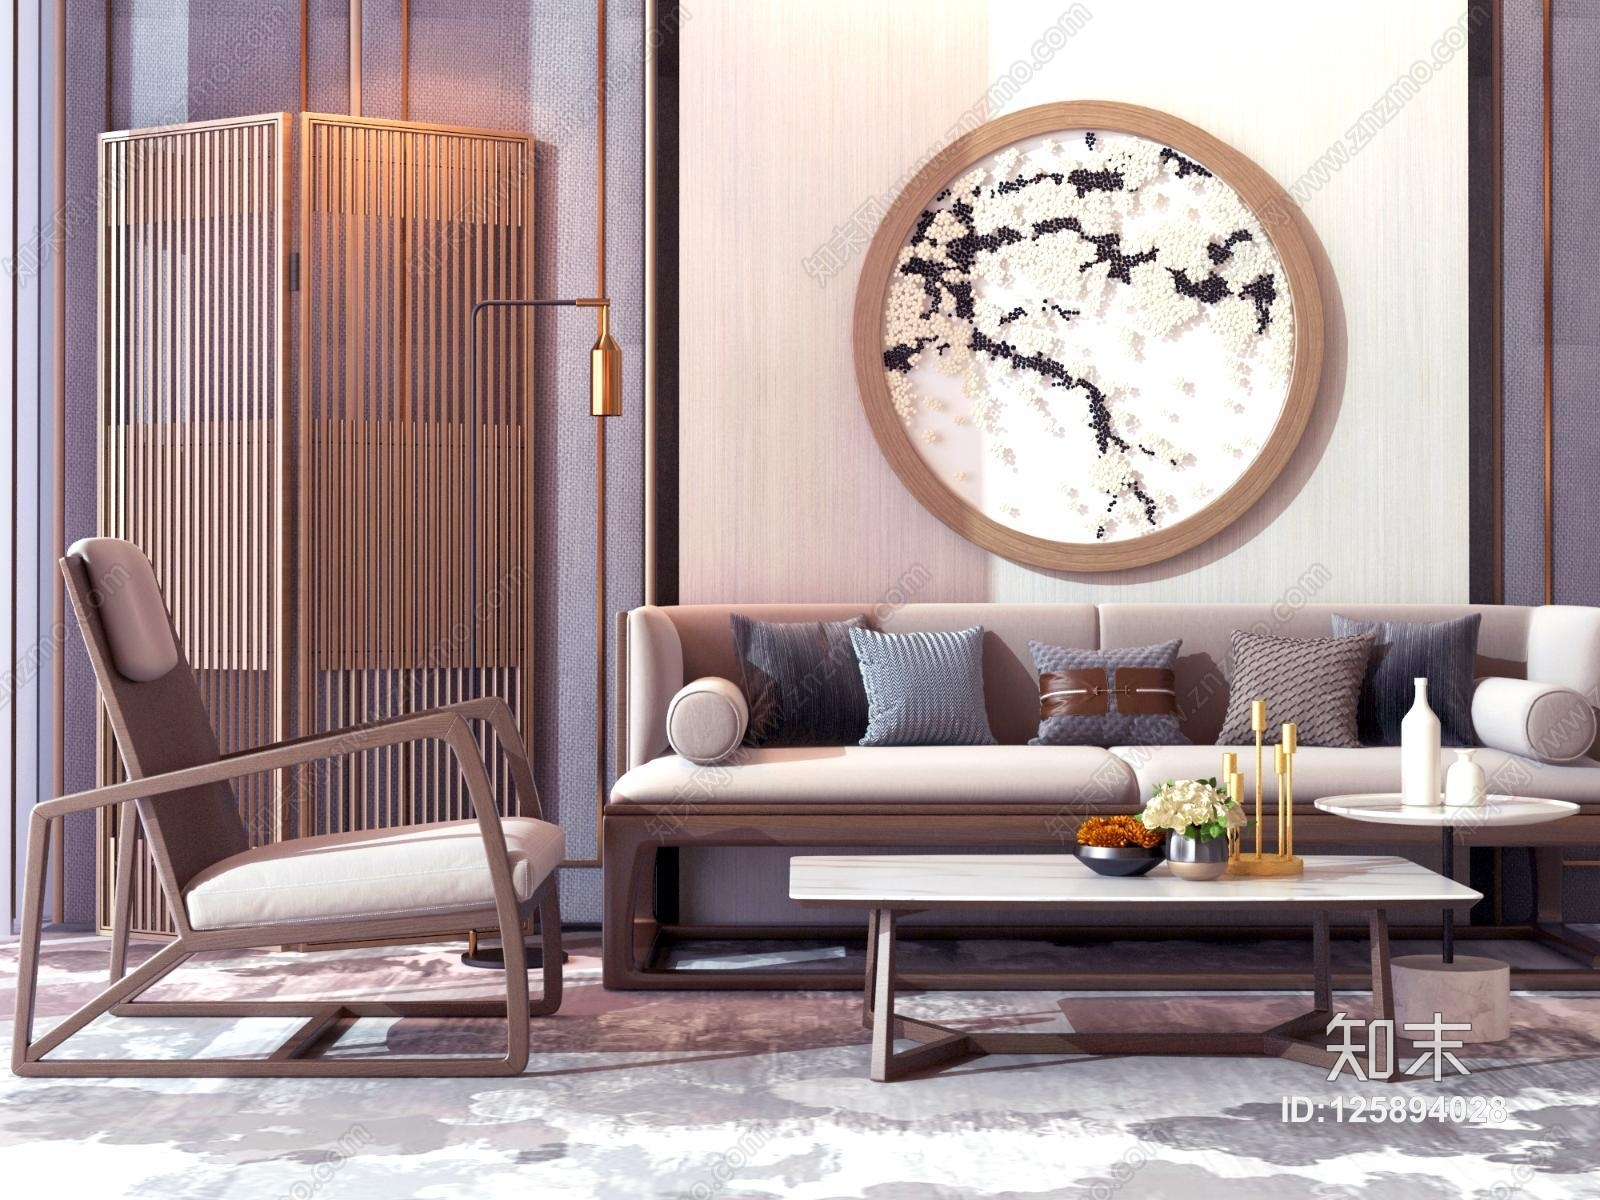 新中式沙发茶几组合 屏风 装饰画 装饰摆件 休闲椅